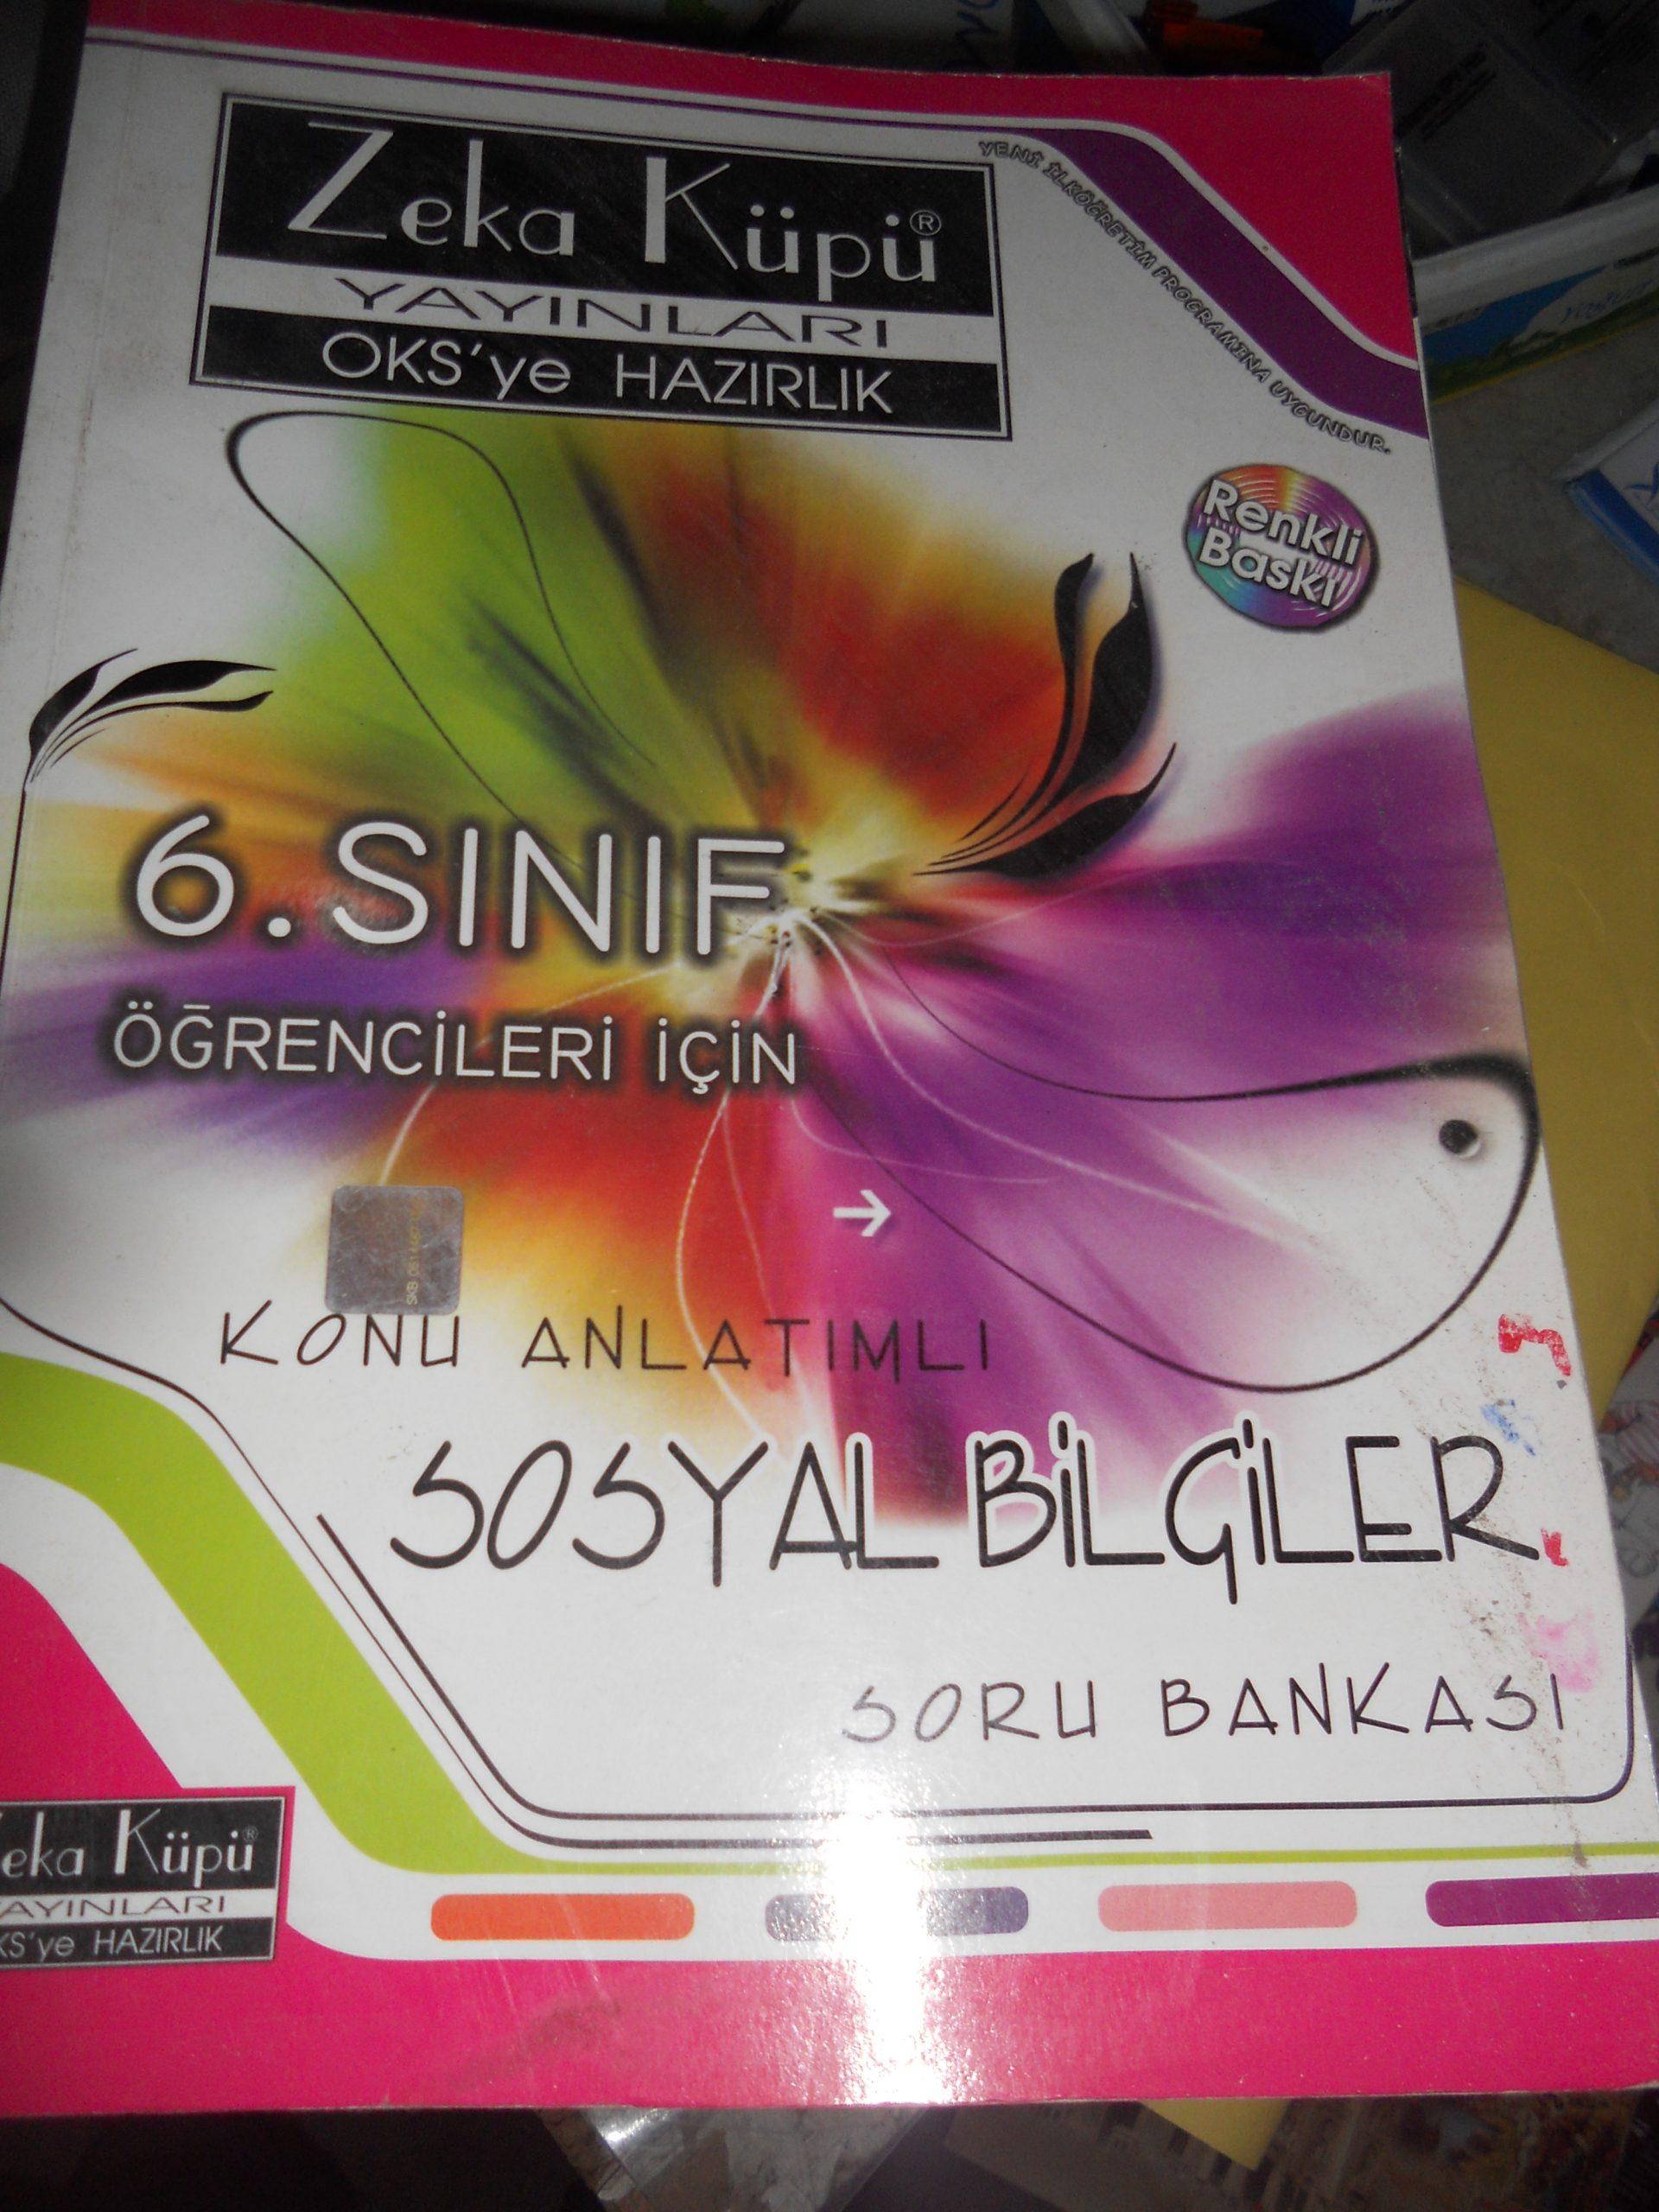 6.SINIF KONU ANLATIMLI SOSYAL BİLGİLER/ZEKA KÜPÜ YAY/15 TL